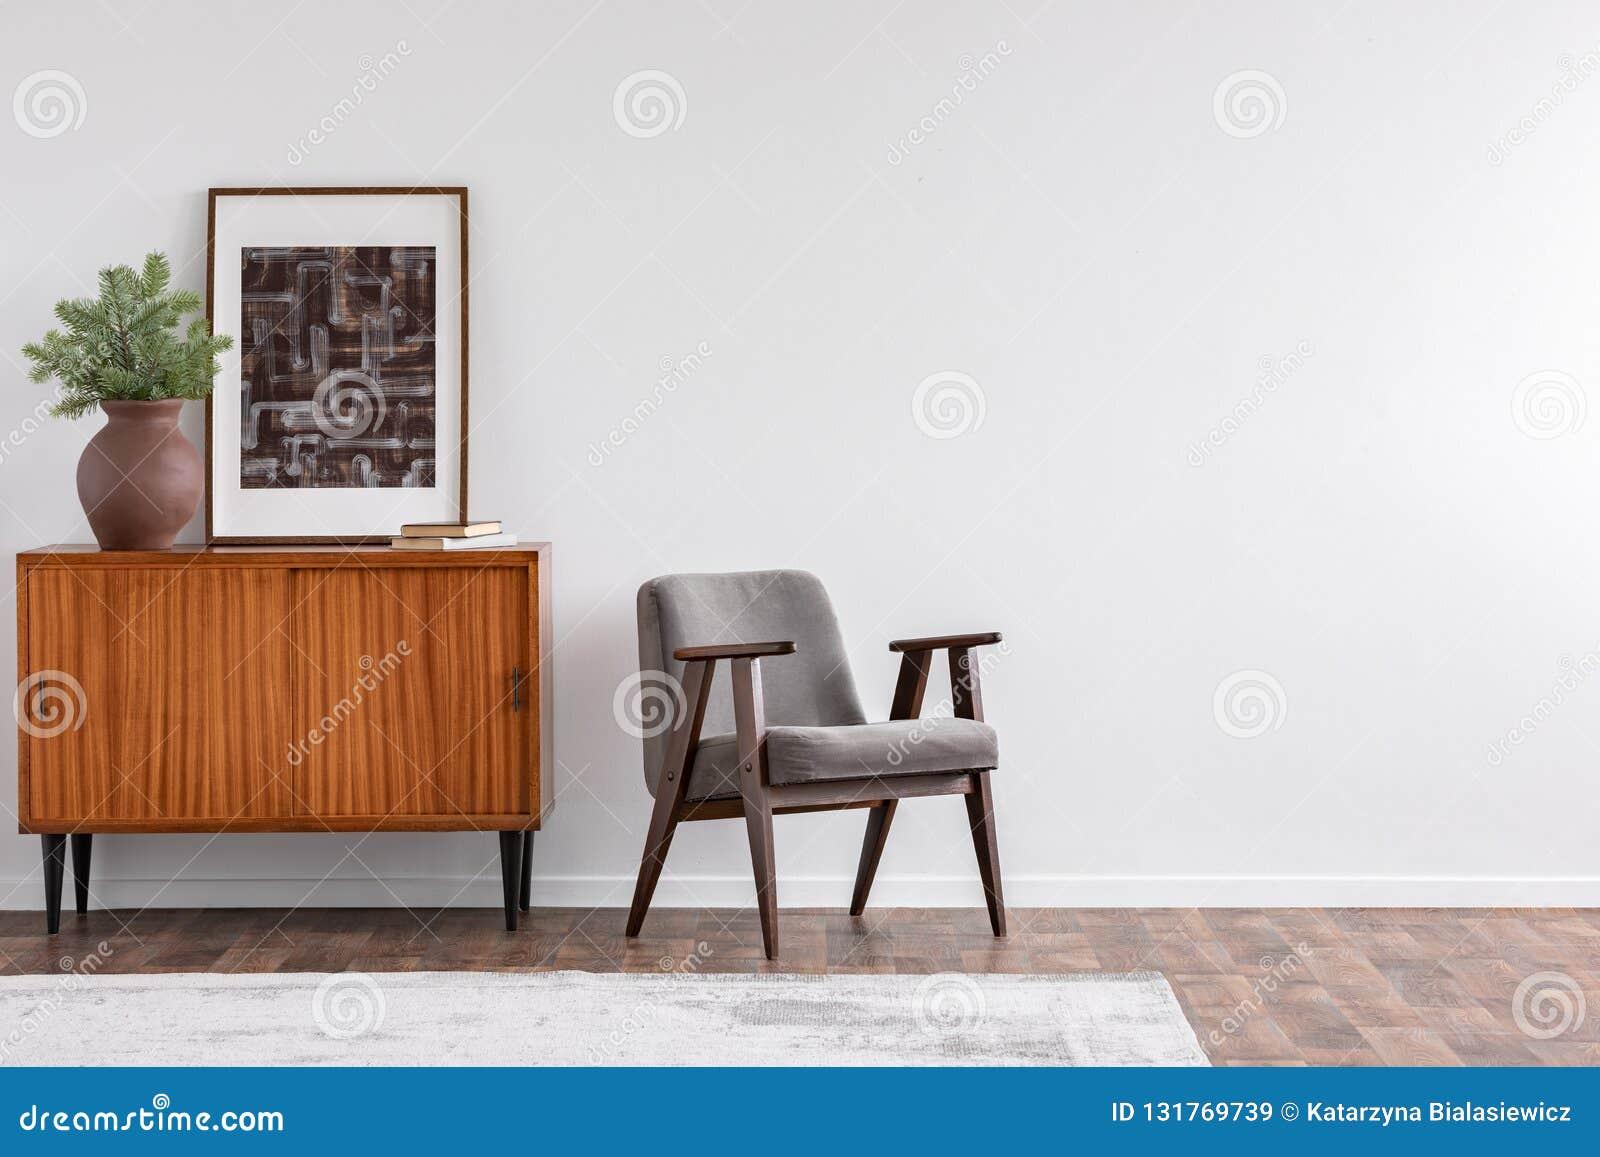 Винтажный интерьер живущей комнаты с ретро мебелью и плакатом, реальным фото с космосом экземпляра на белой стене